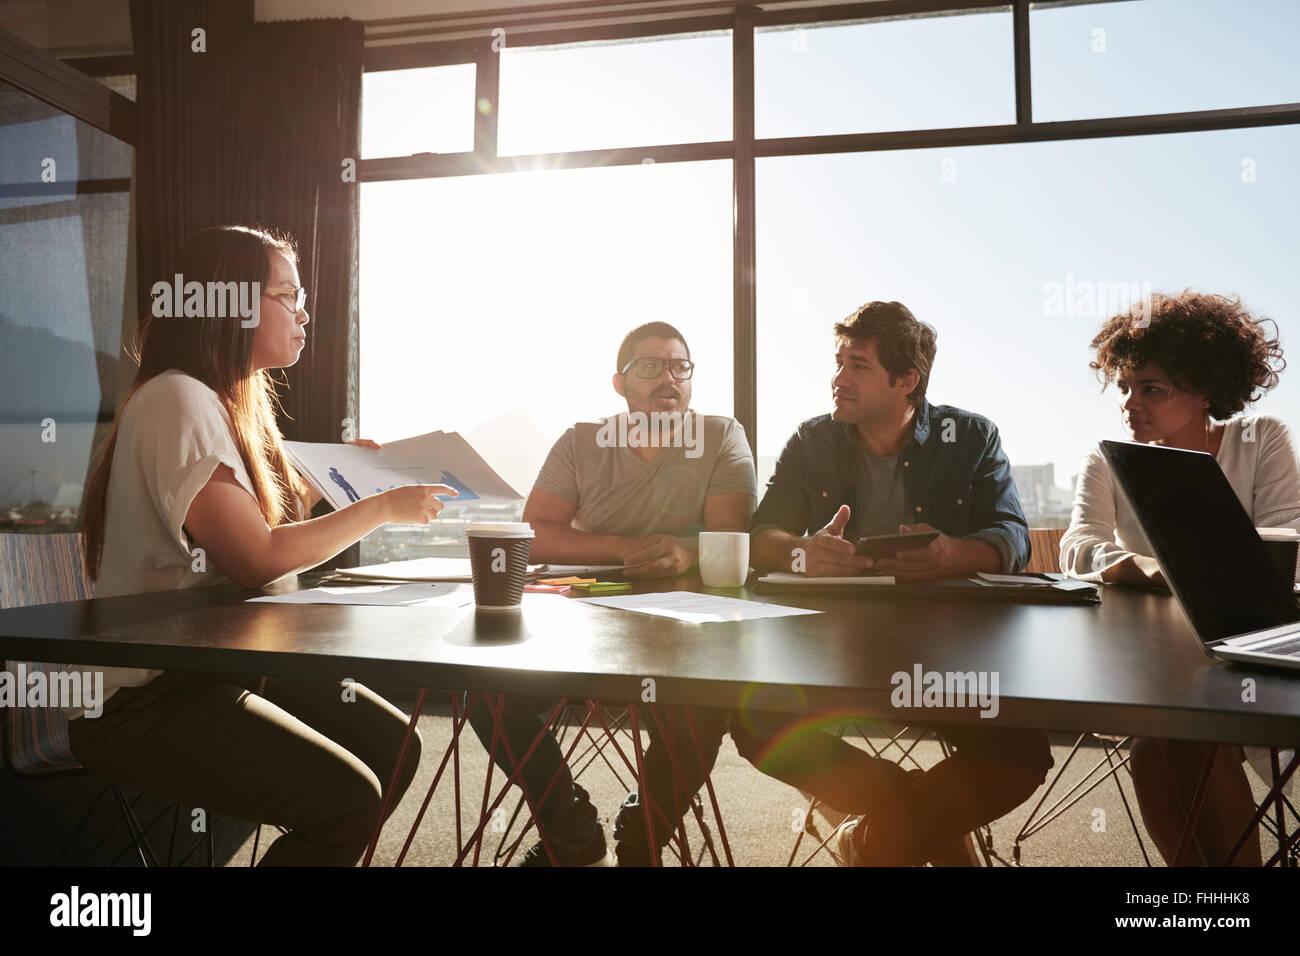 Giovane donna business consulting nuovi piani aziendali con i suoi colleghi. Le persone creative che discutere di Immagini Stock